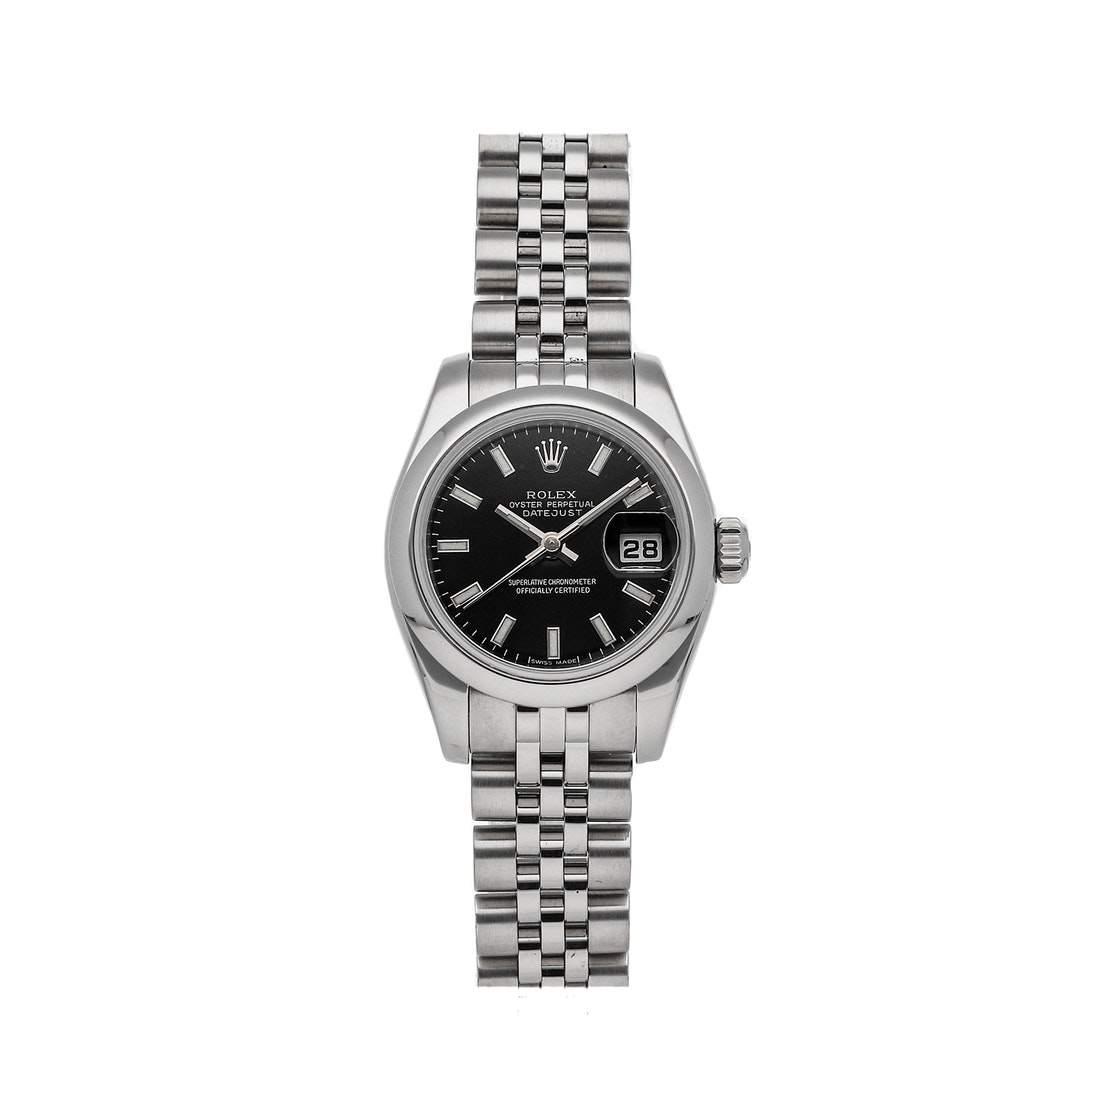 ساعة يد نسائية رولكس ديت جست 179160 ستانلس ستيل سوداء 26 مم